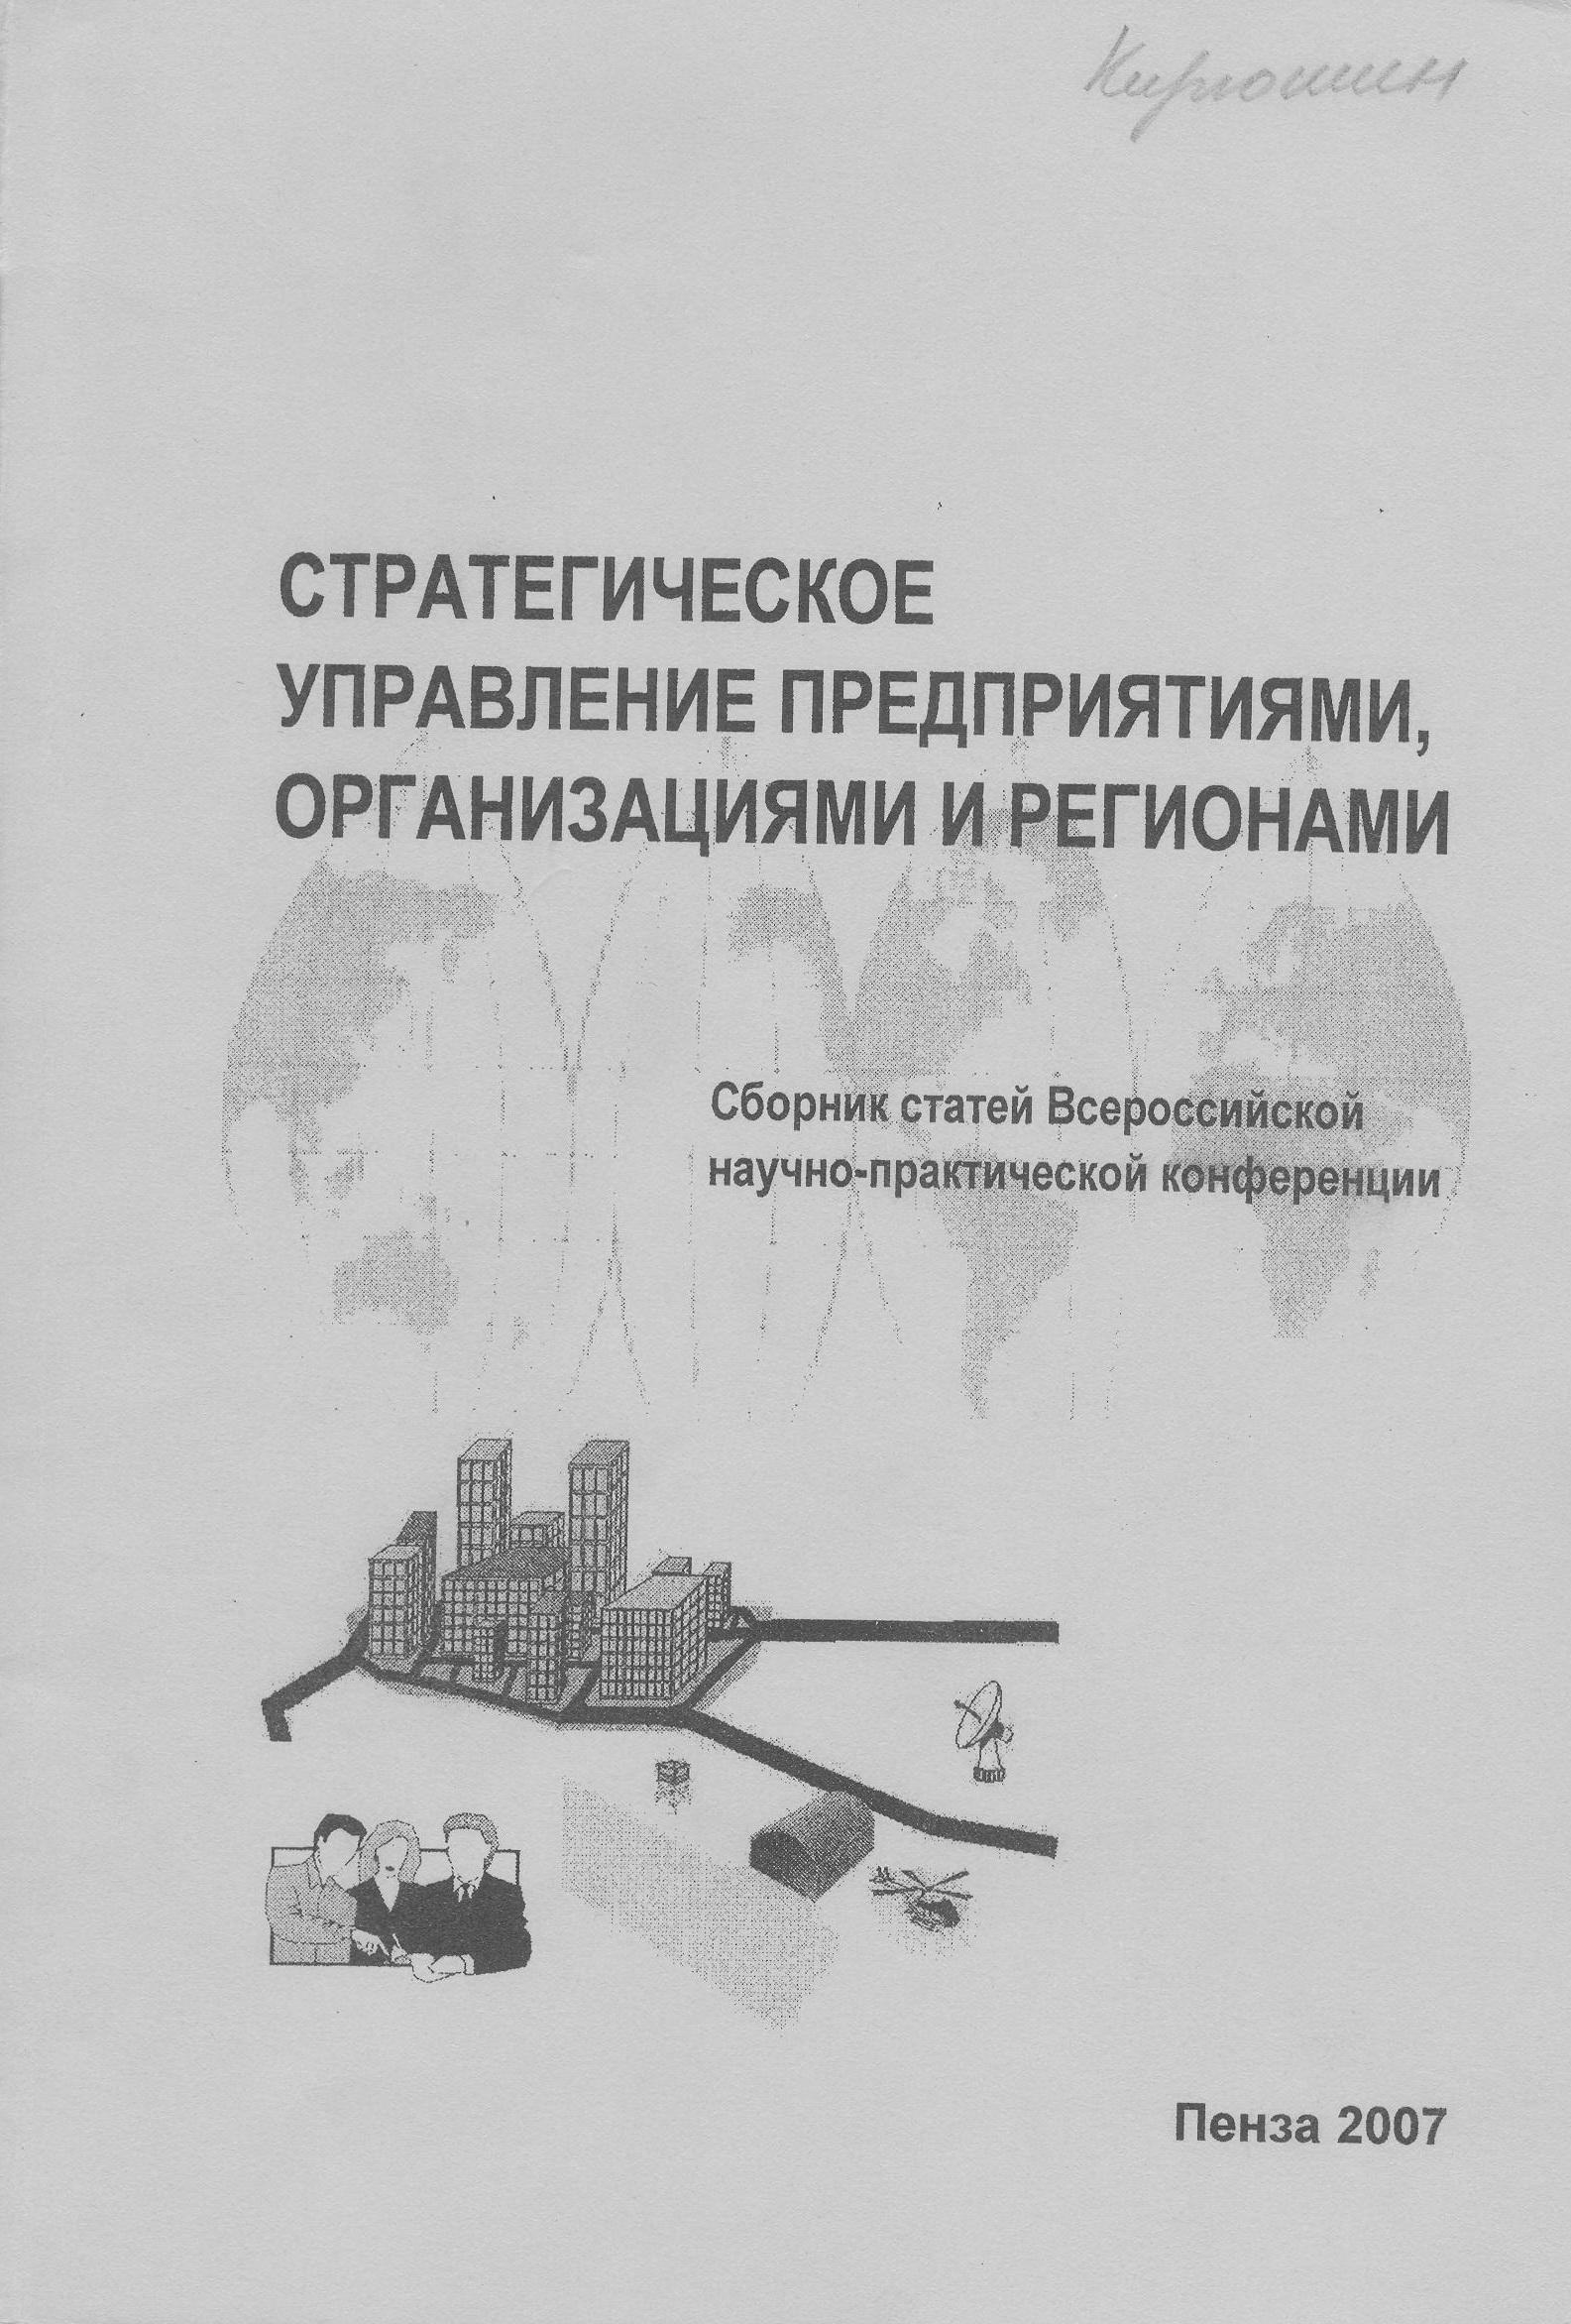 Стратегическое управление предприятиями, организациями и регионами: сборник статей Всероссийской научно-практической конференции